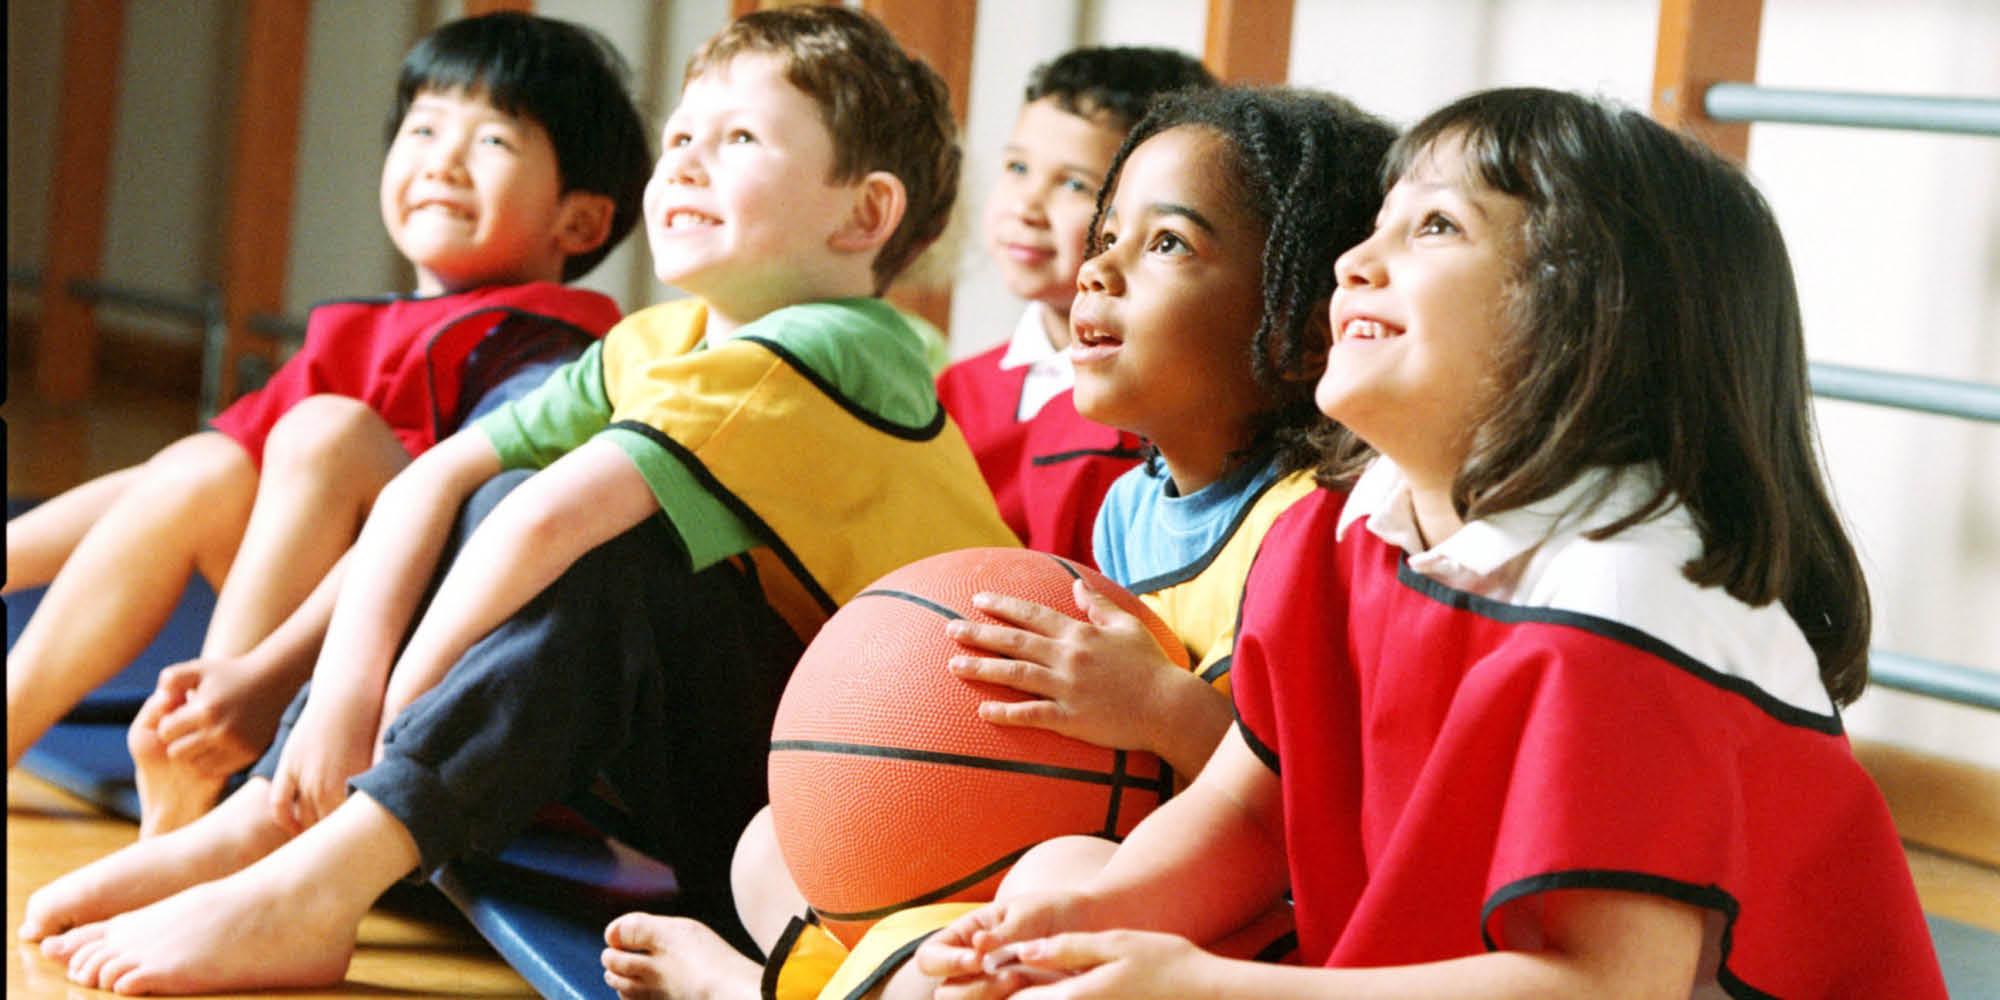 Basketball games at day camp